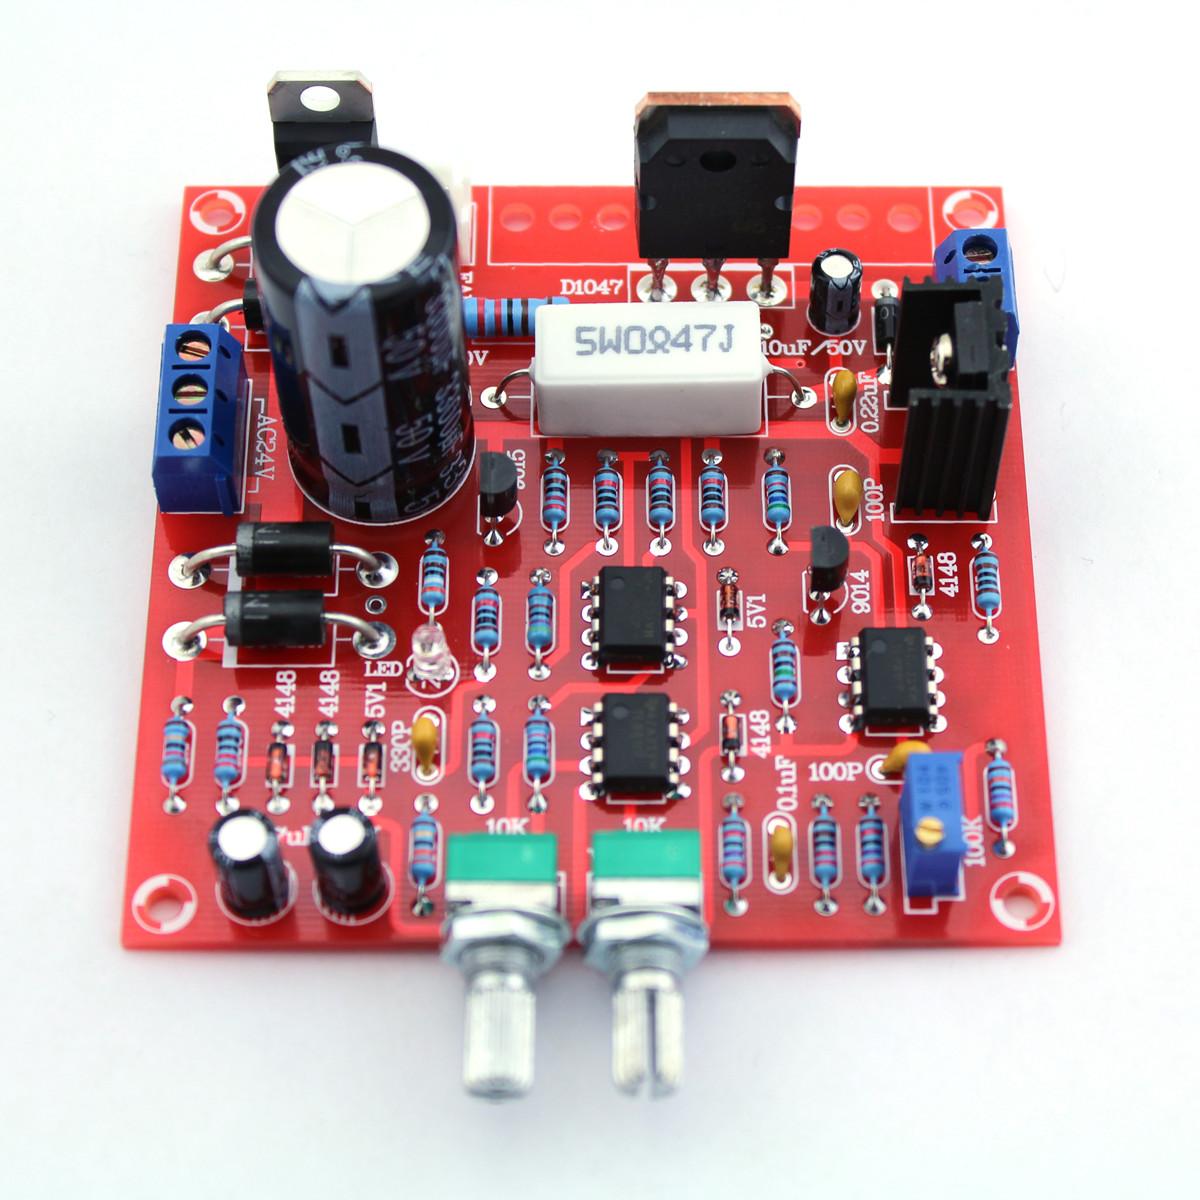 Adjustable 0 30v 2ma 3a Dc Regulated Power Supply Diy Kit Online